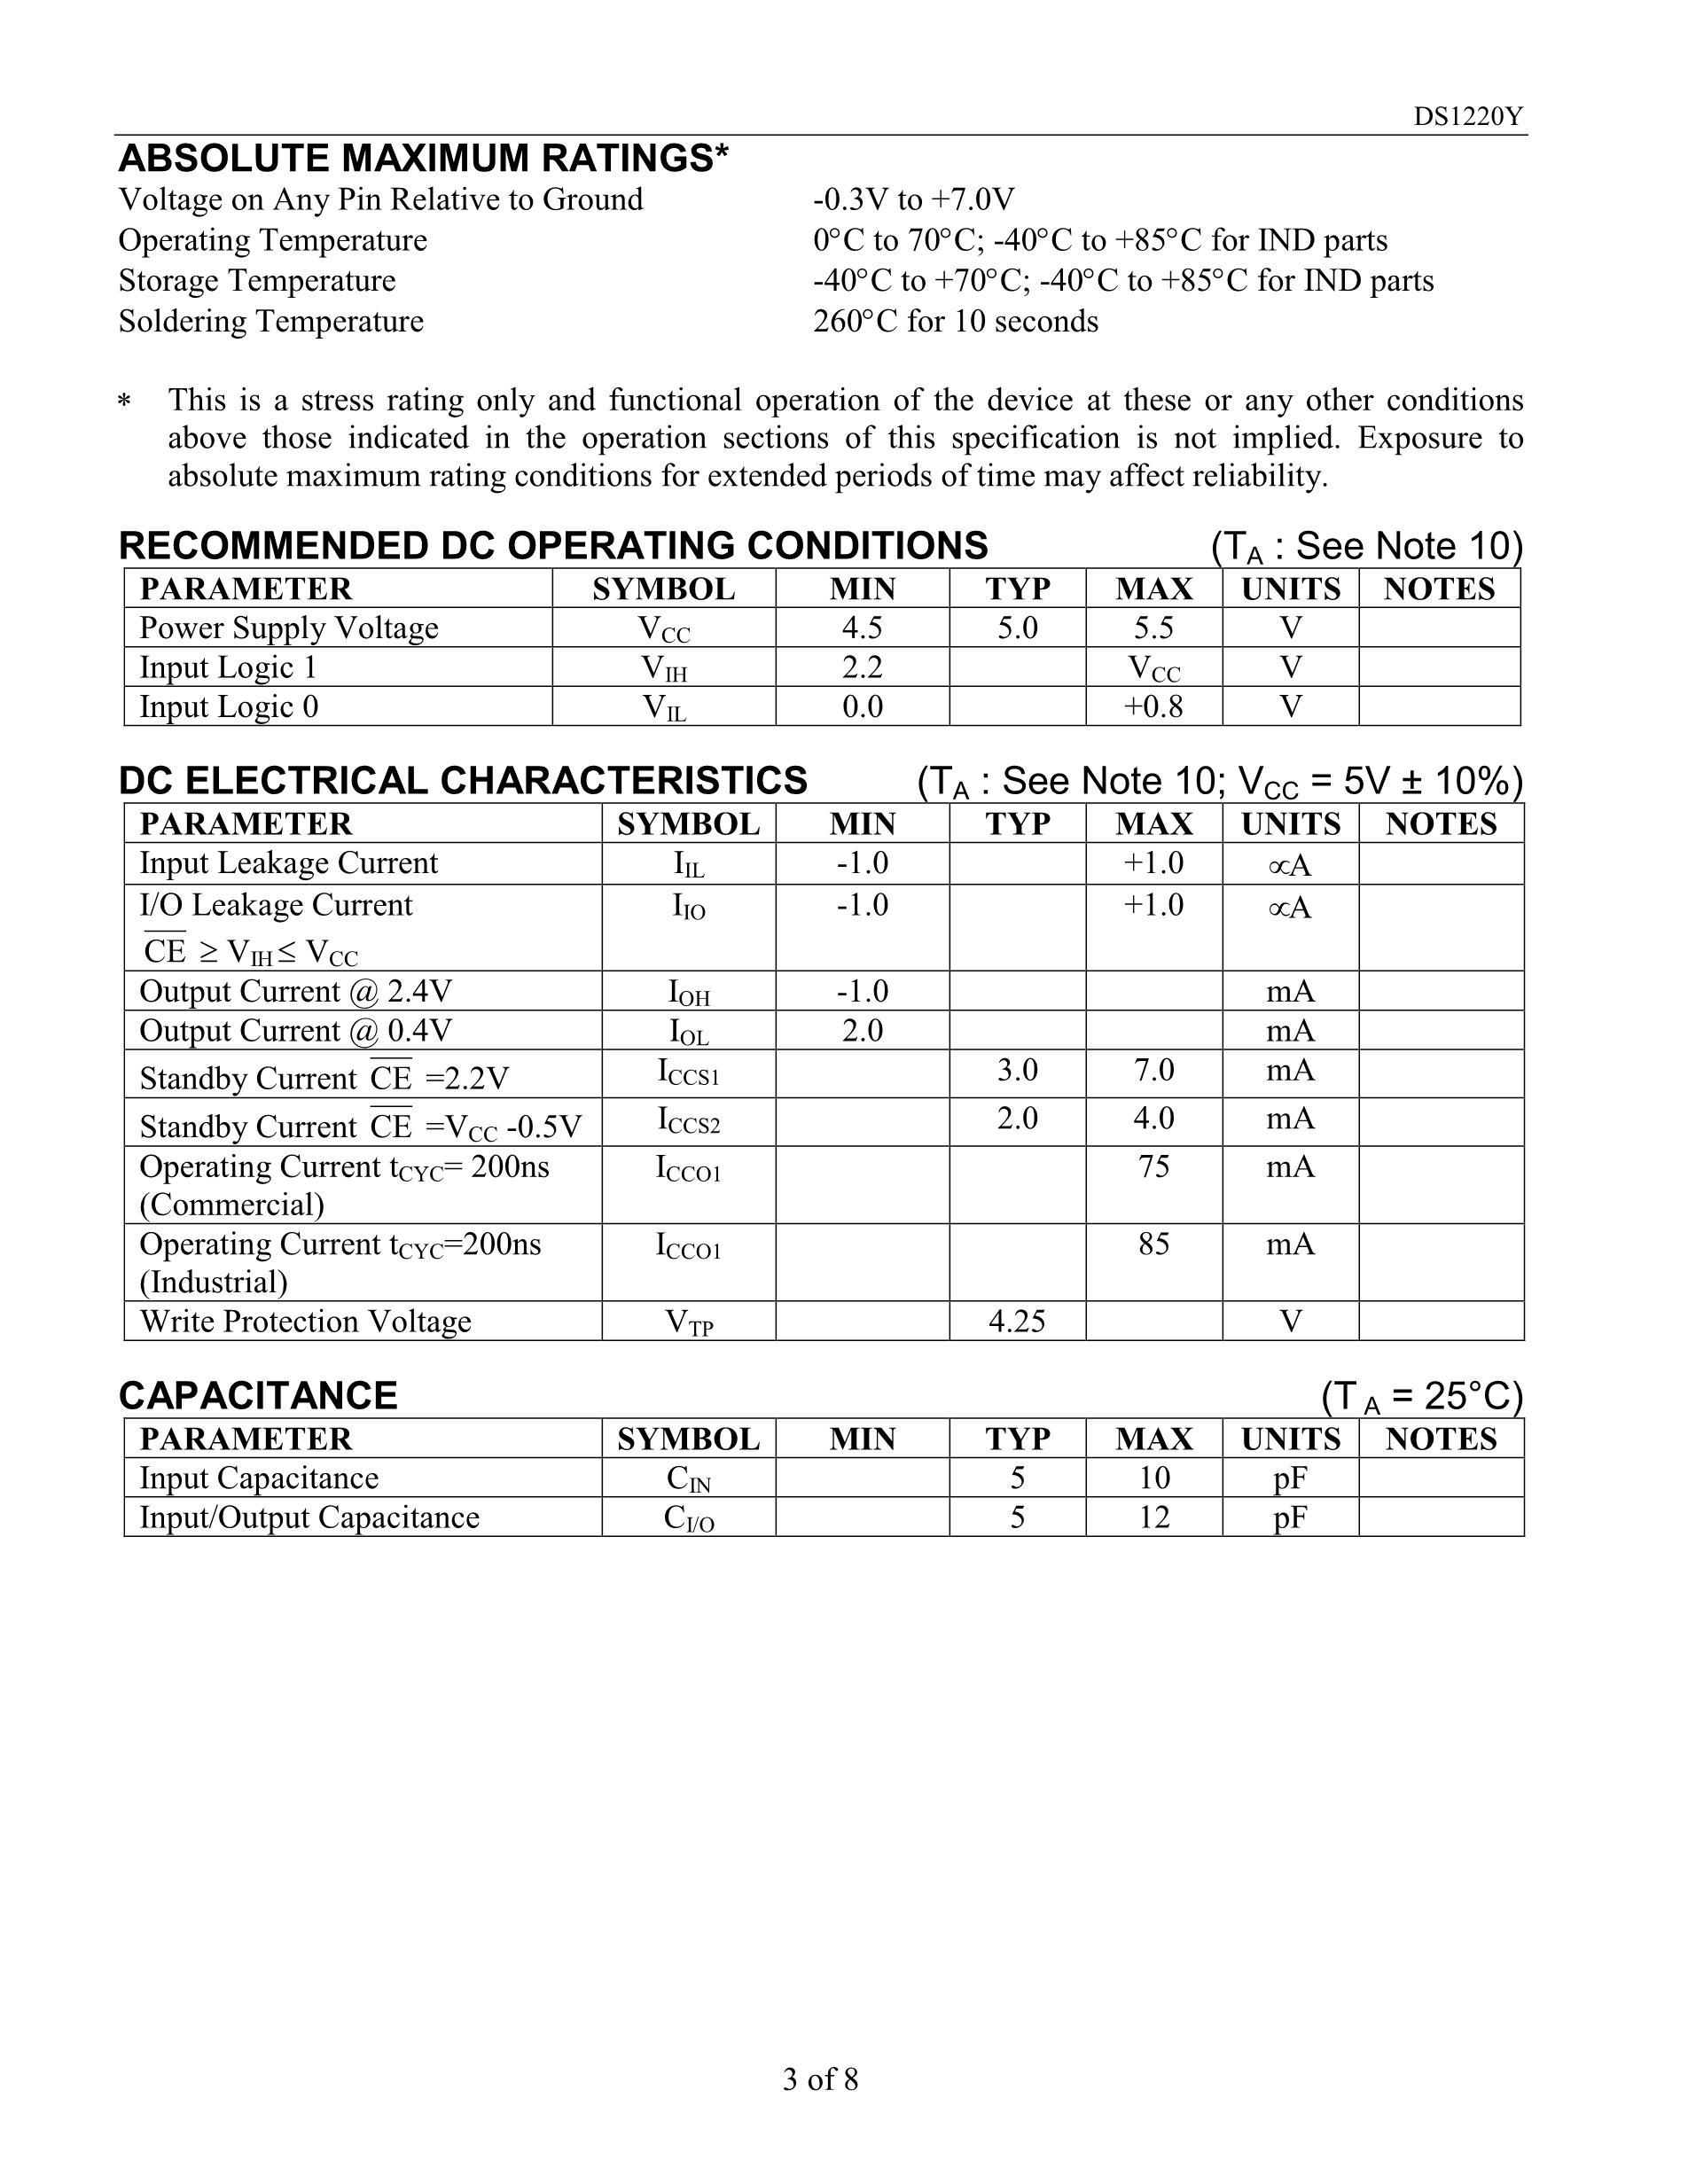 12209896BA's pdf picture 3